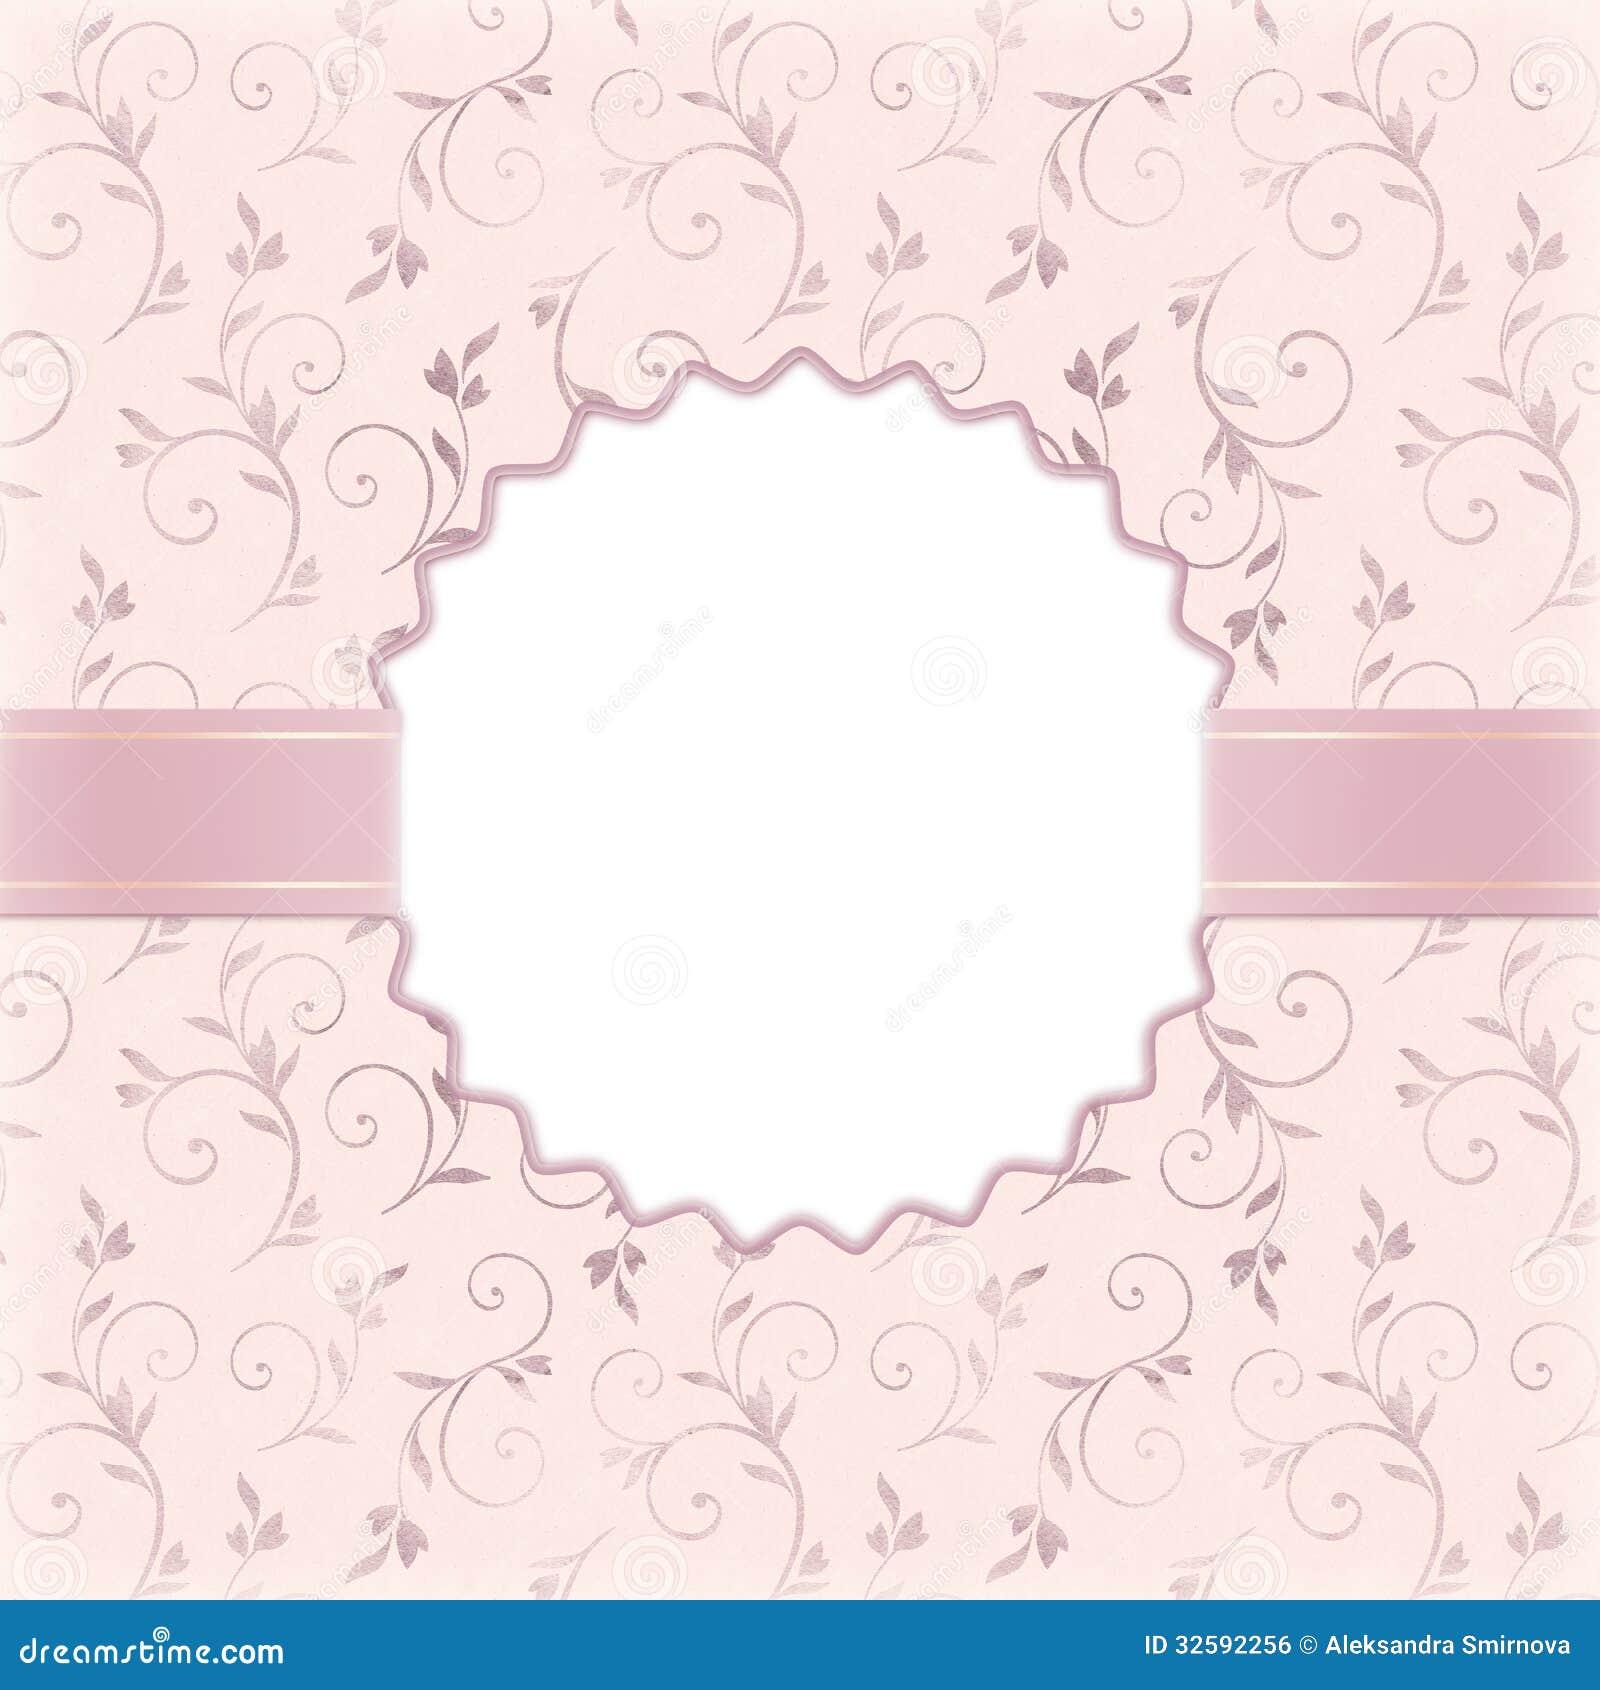 Beautiful wedding invitation royalty free stock image image